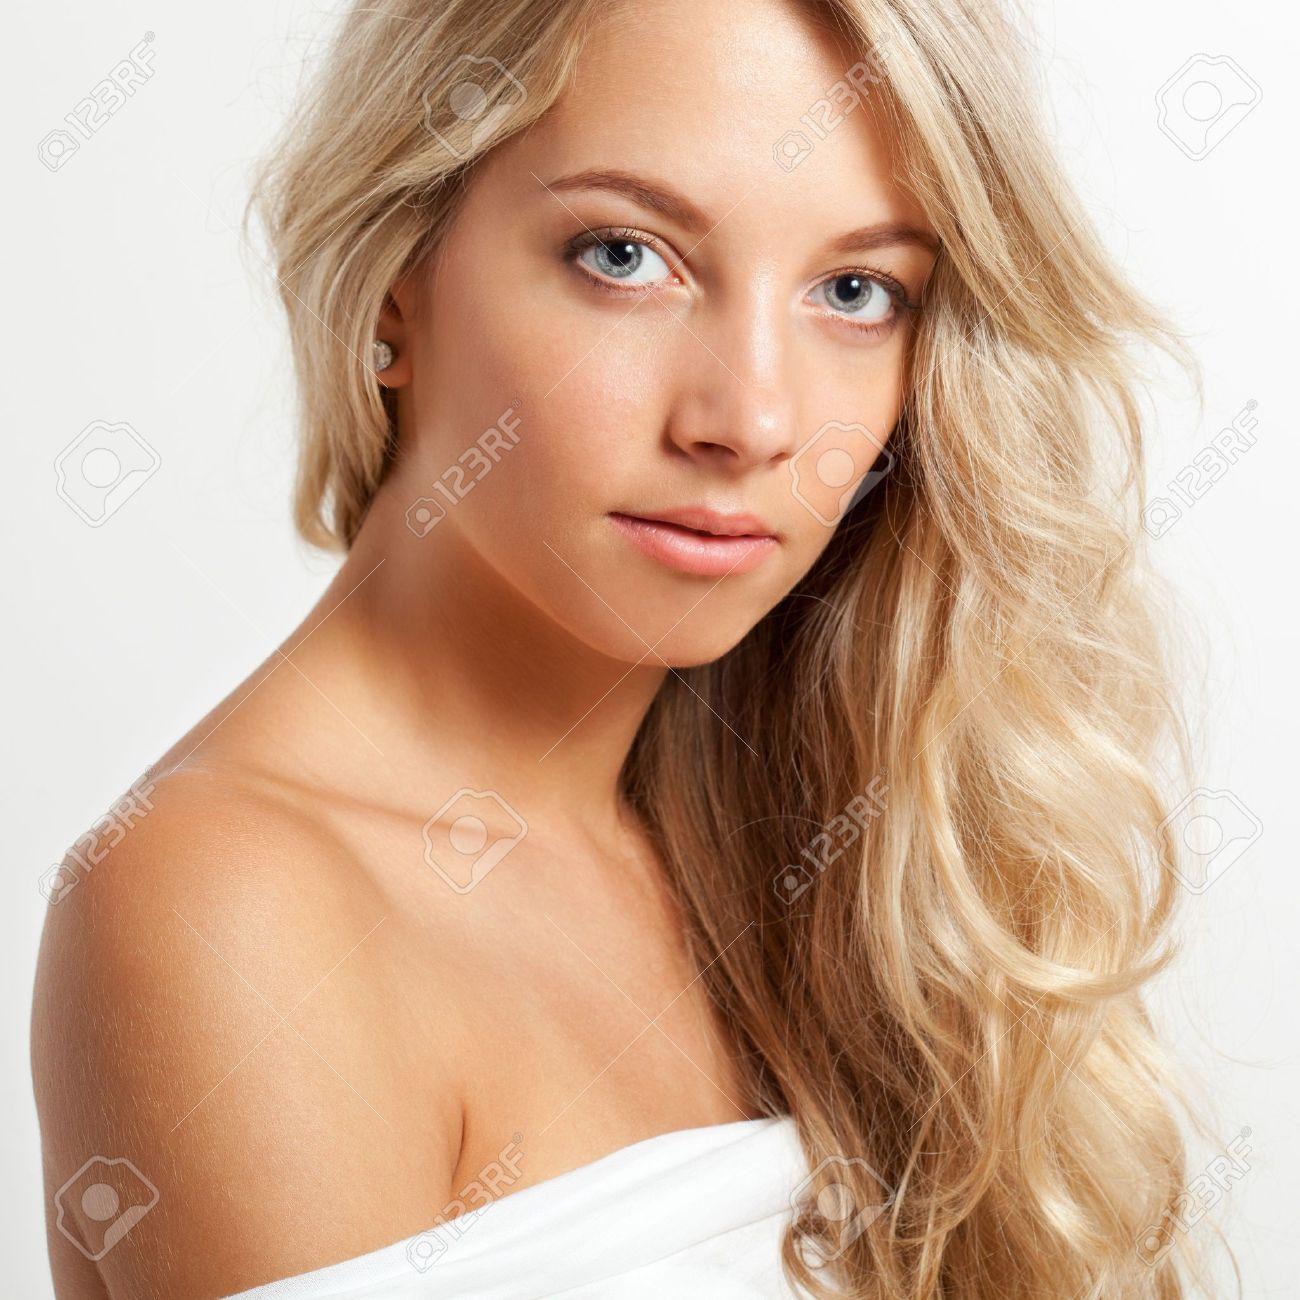 Schöne Blonde Frau Nahaufnahme Gesicht Porträt, Quadratischen Rahmen ...